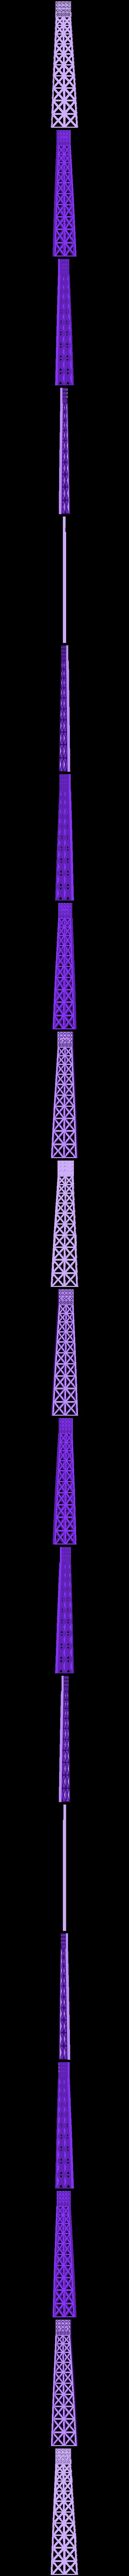 Eiffel_twr_K.stl Download free STL file Eiffel Tower HD • 3D print model, Ogubal3D